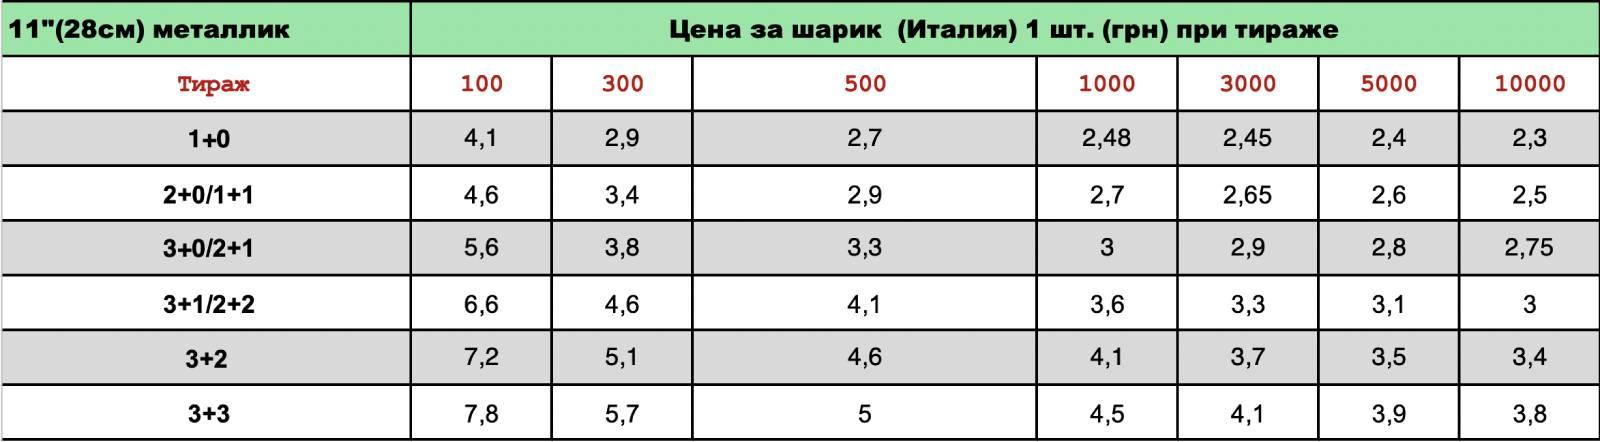 Печать на шарах Gemar 11 металлик цена